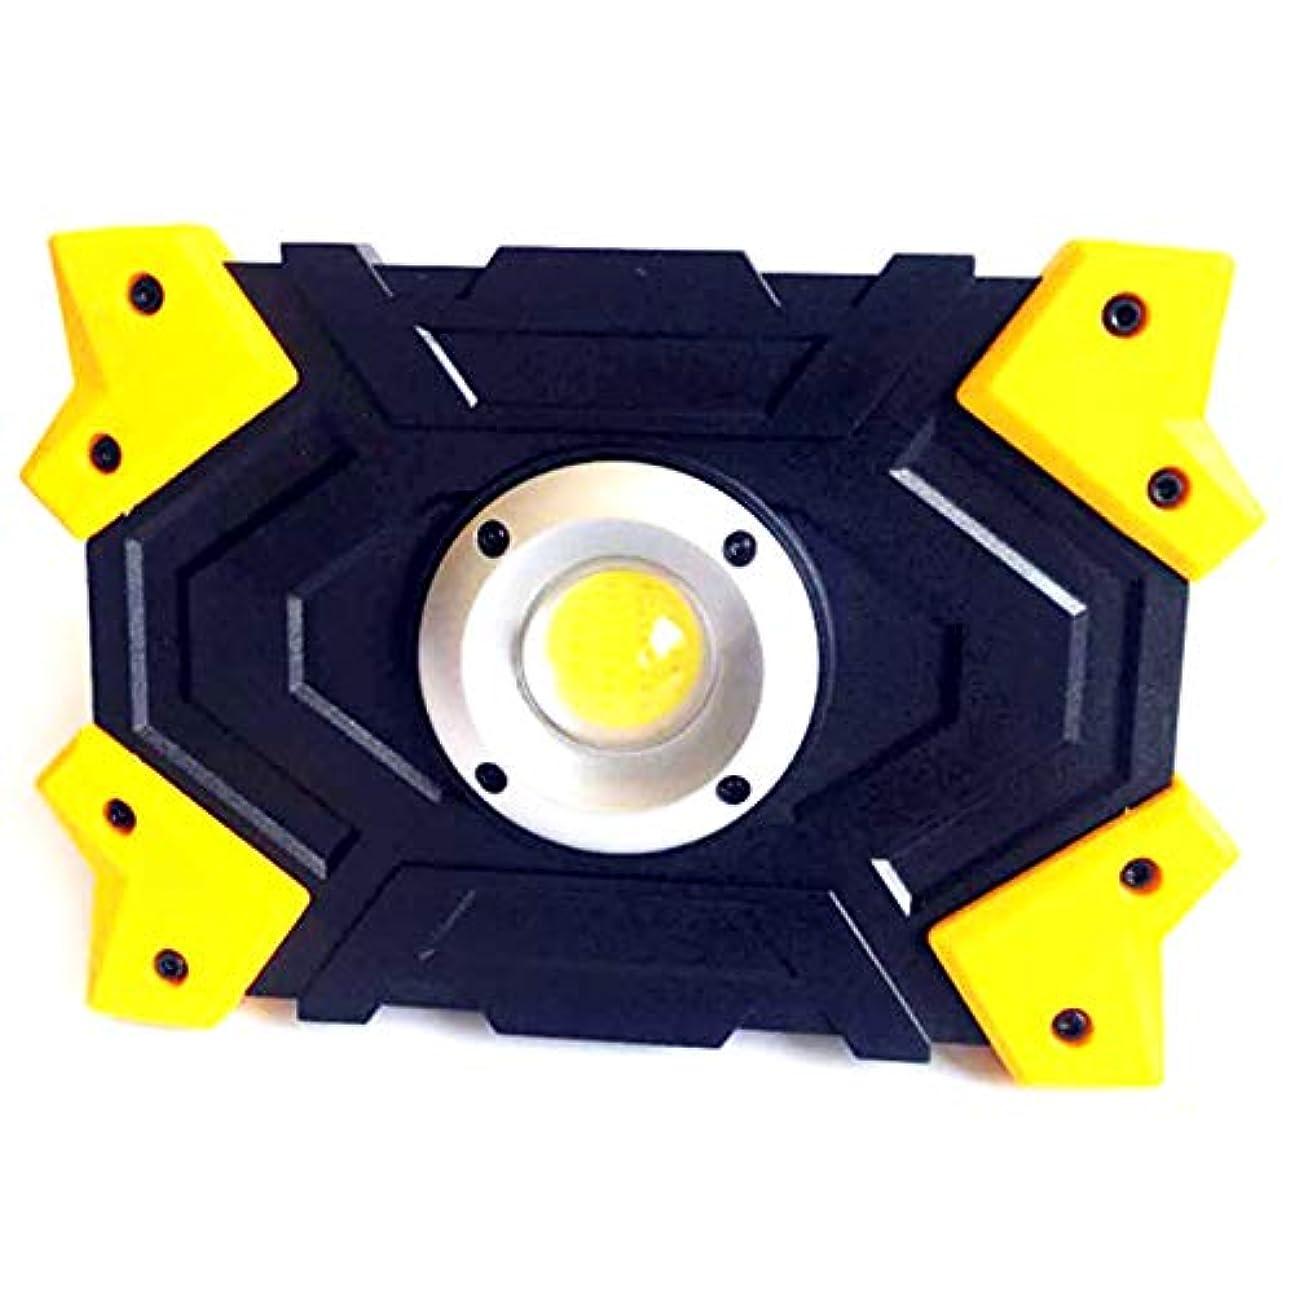 思春期の概して導出JVSISM 携帯用キャンプライトLED長いシャンデリア屋外投光器緊急照明、テントアウトドアスポーツに最適